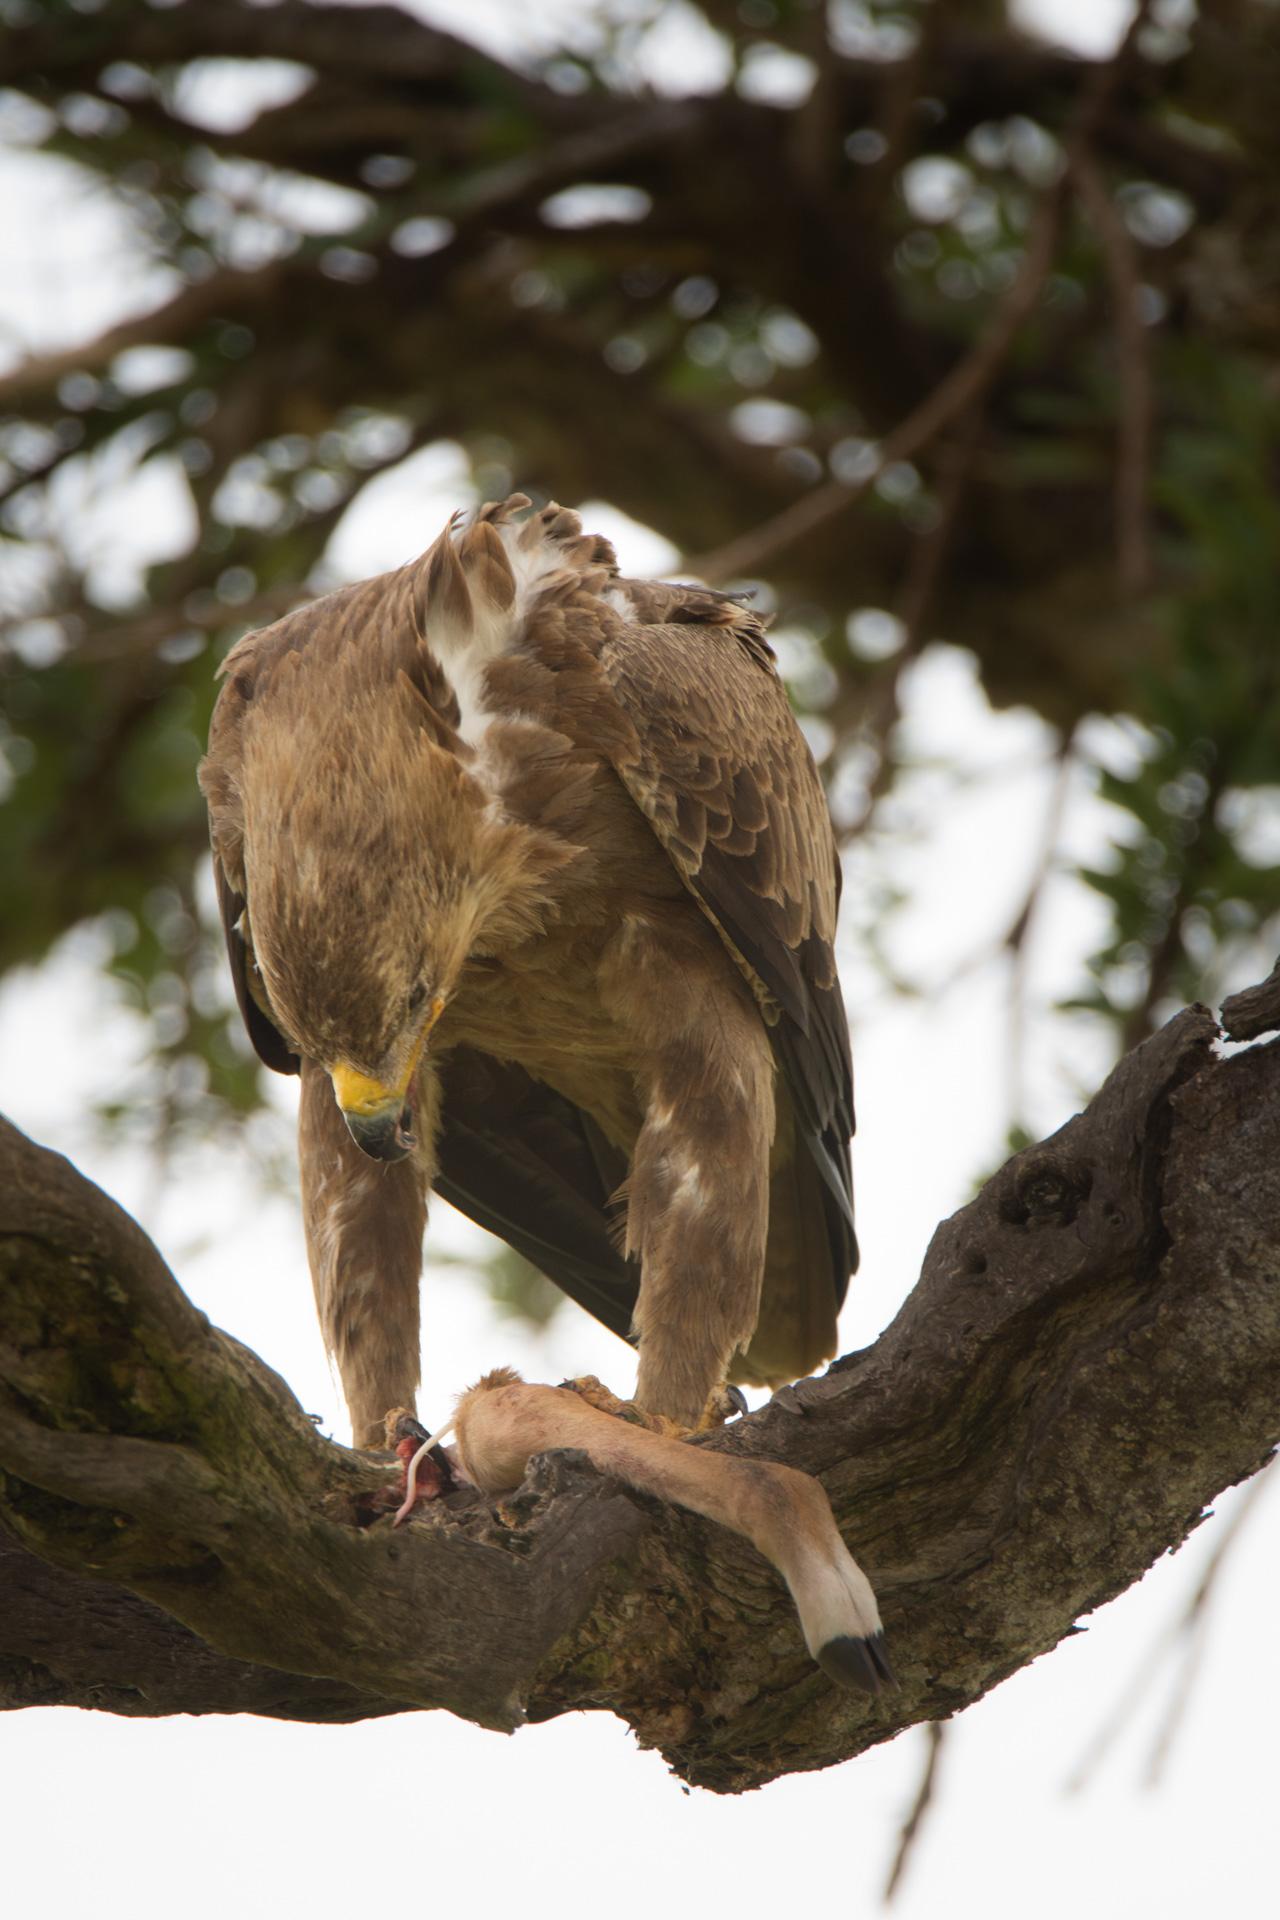 Tawny Eagle with Impala Leg